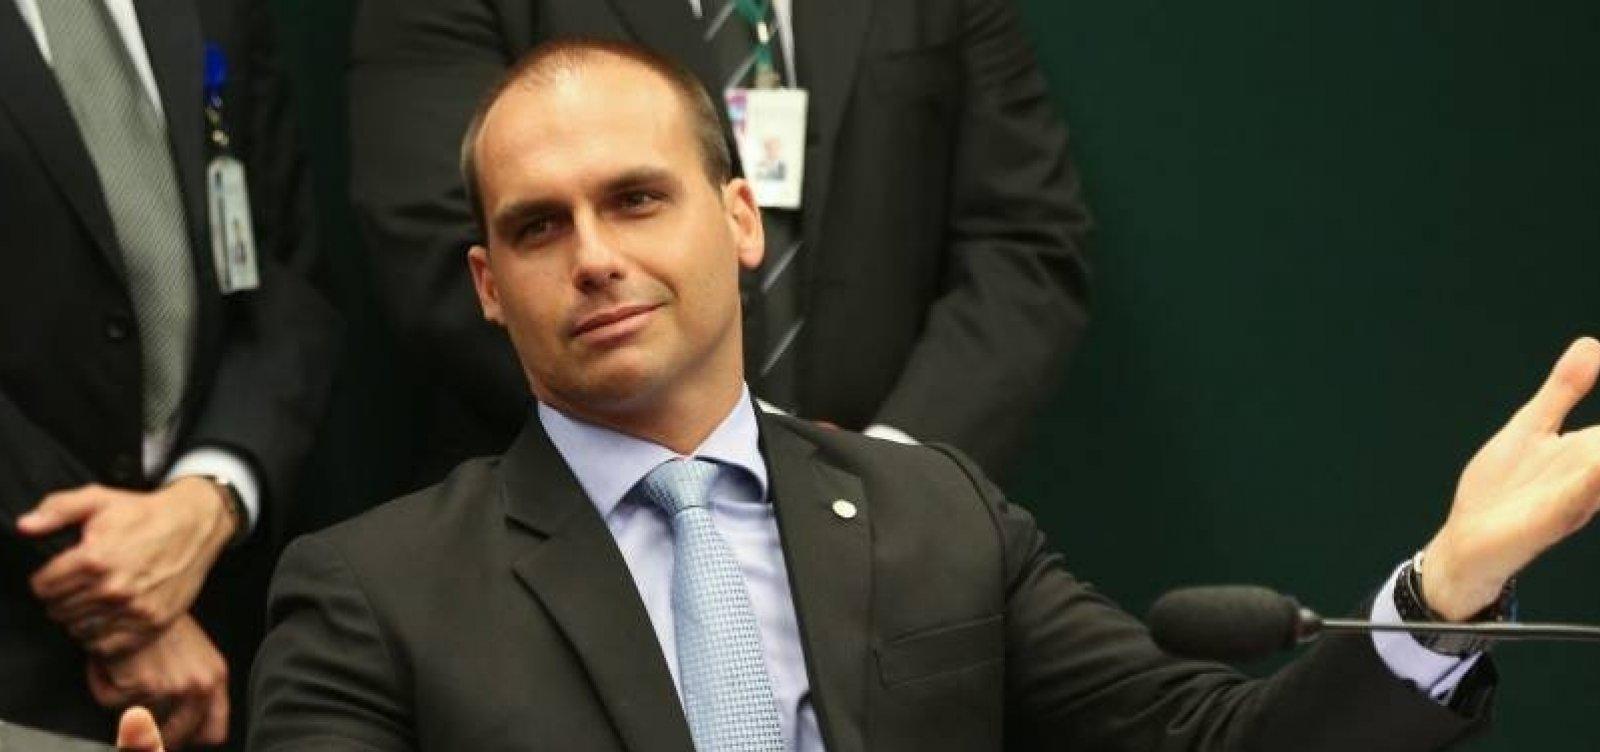 Filho de Bolsonaro diz que para fechar STF 'basta um soldado e um cabo'; veja vídeo